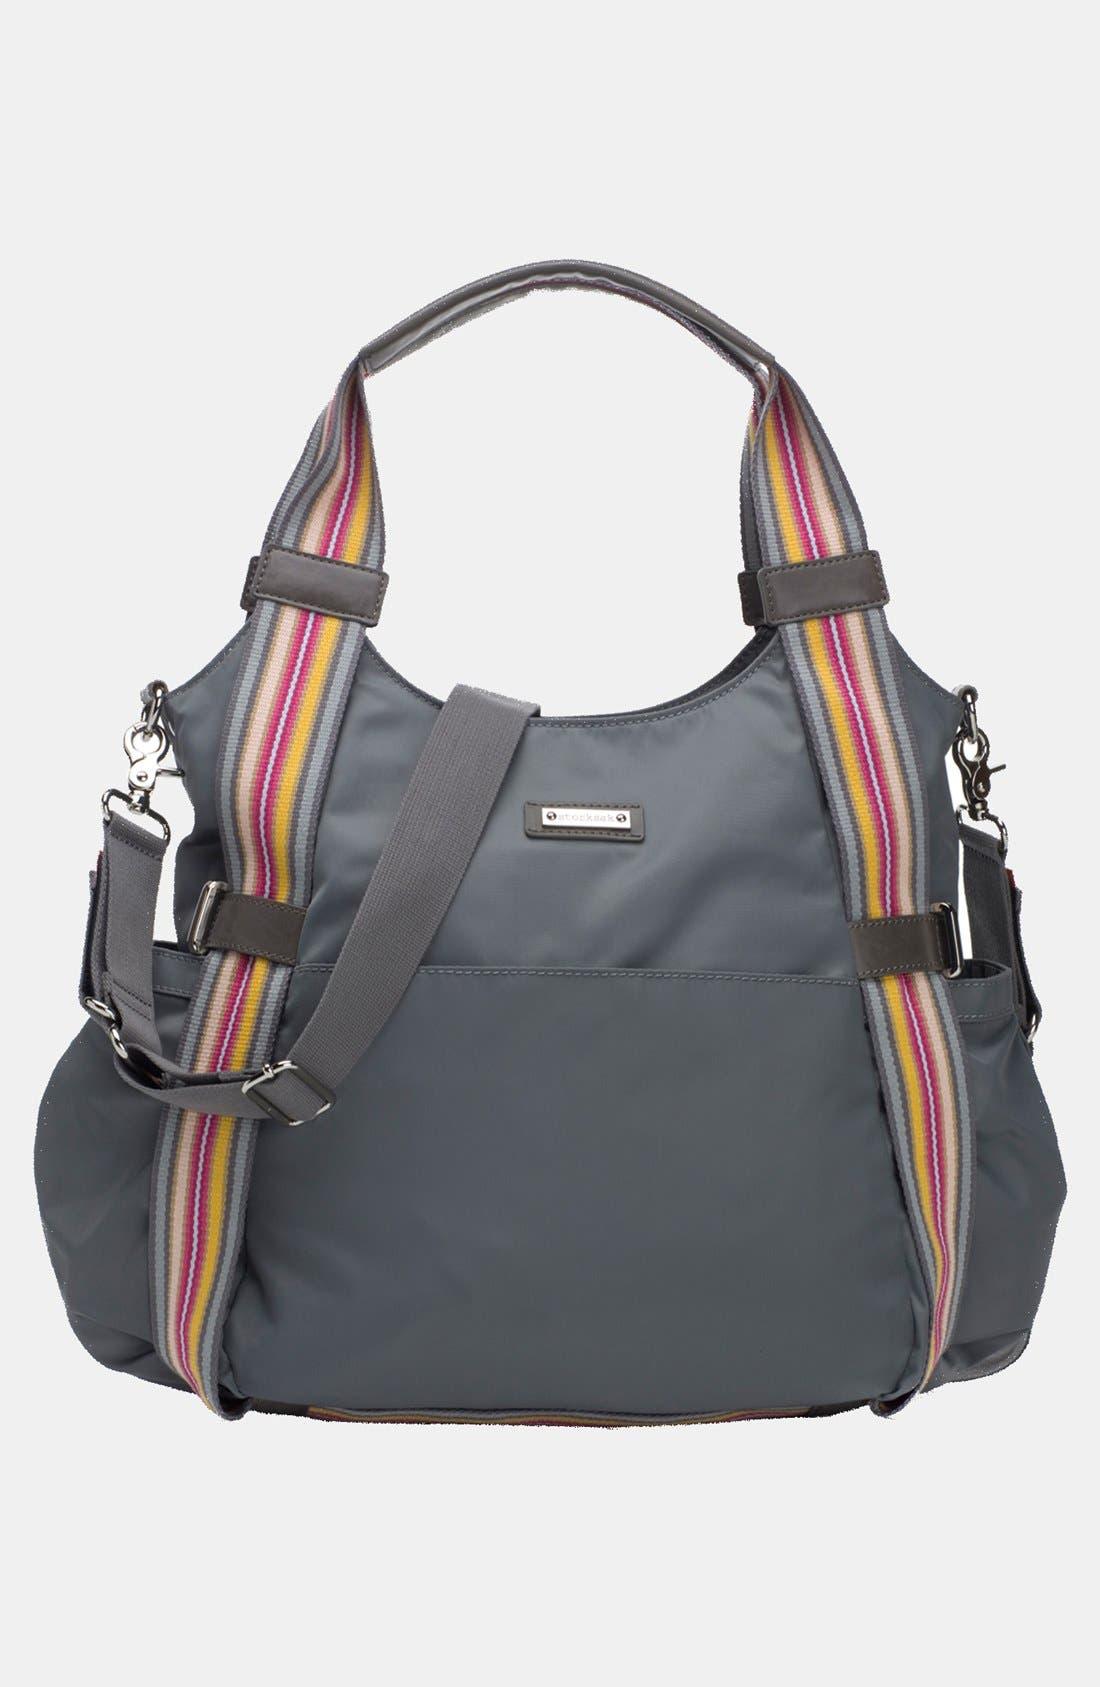 Main Image - Storksak 'Tania' Diaper Bag